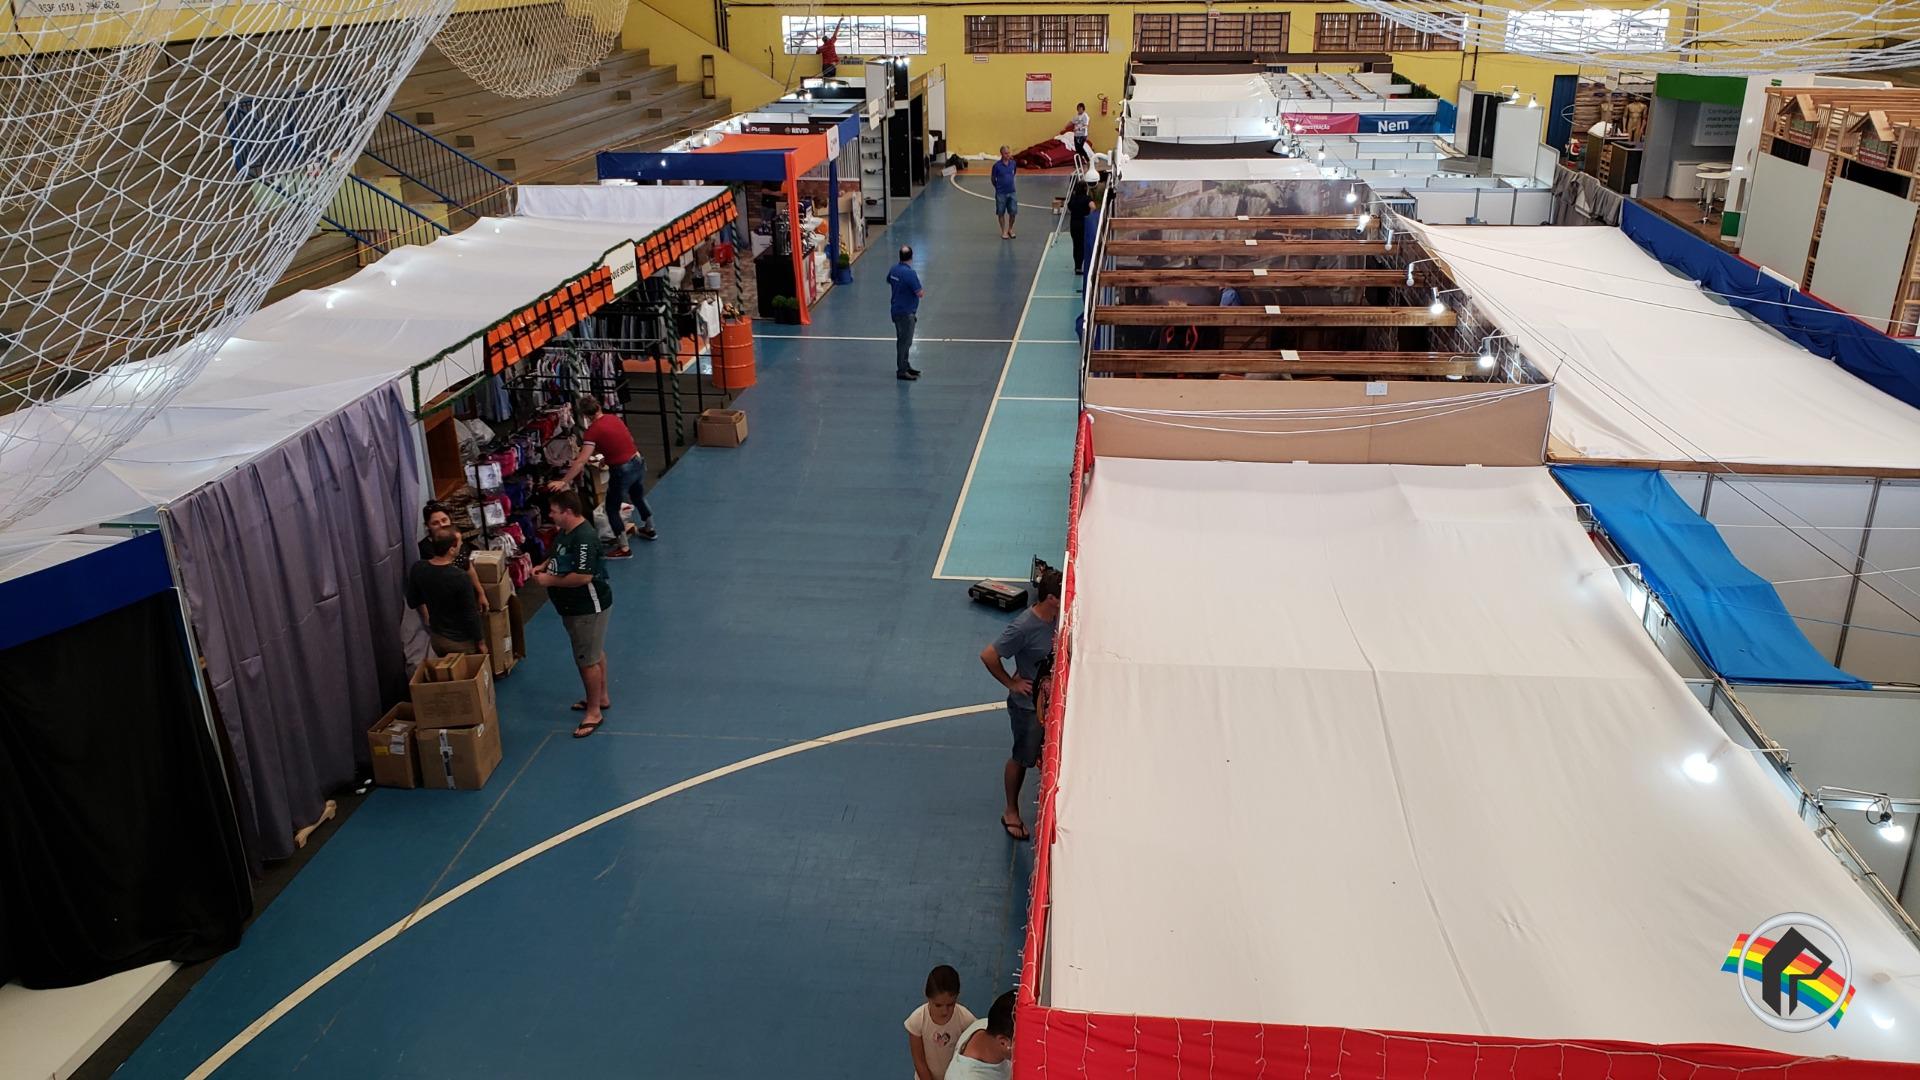 Expositores organizam estandes para a abertura da 4ª Expo São João